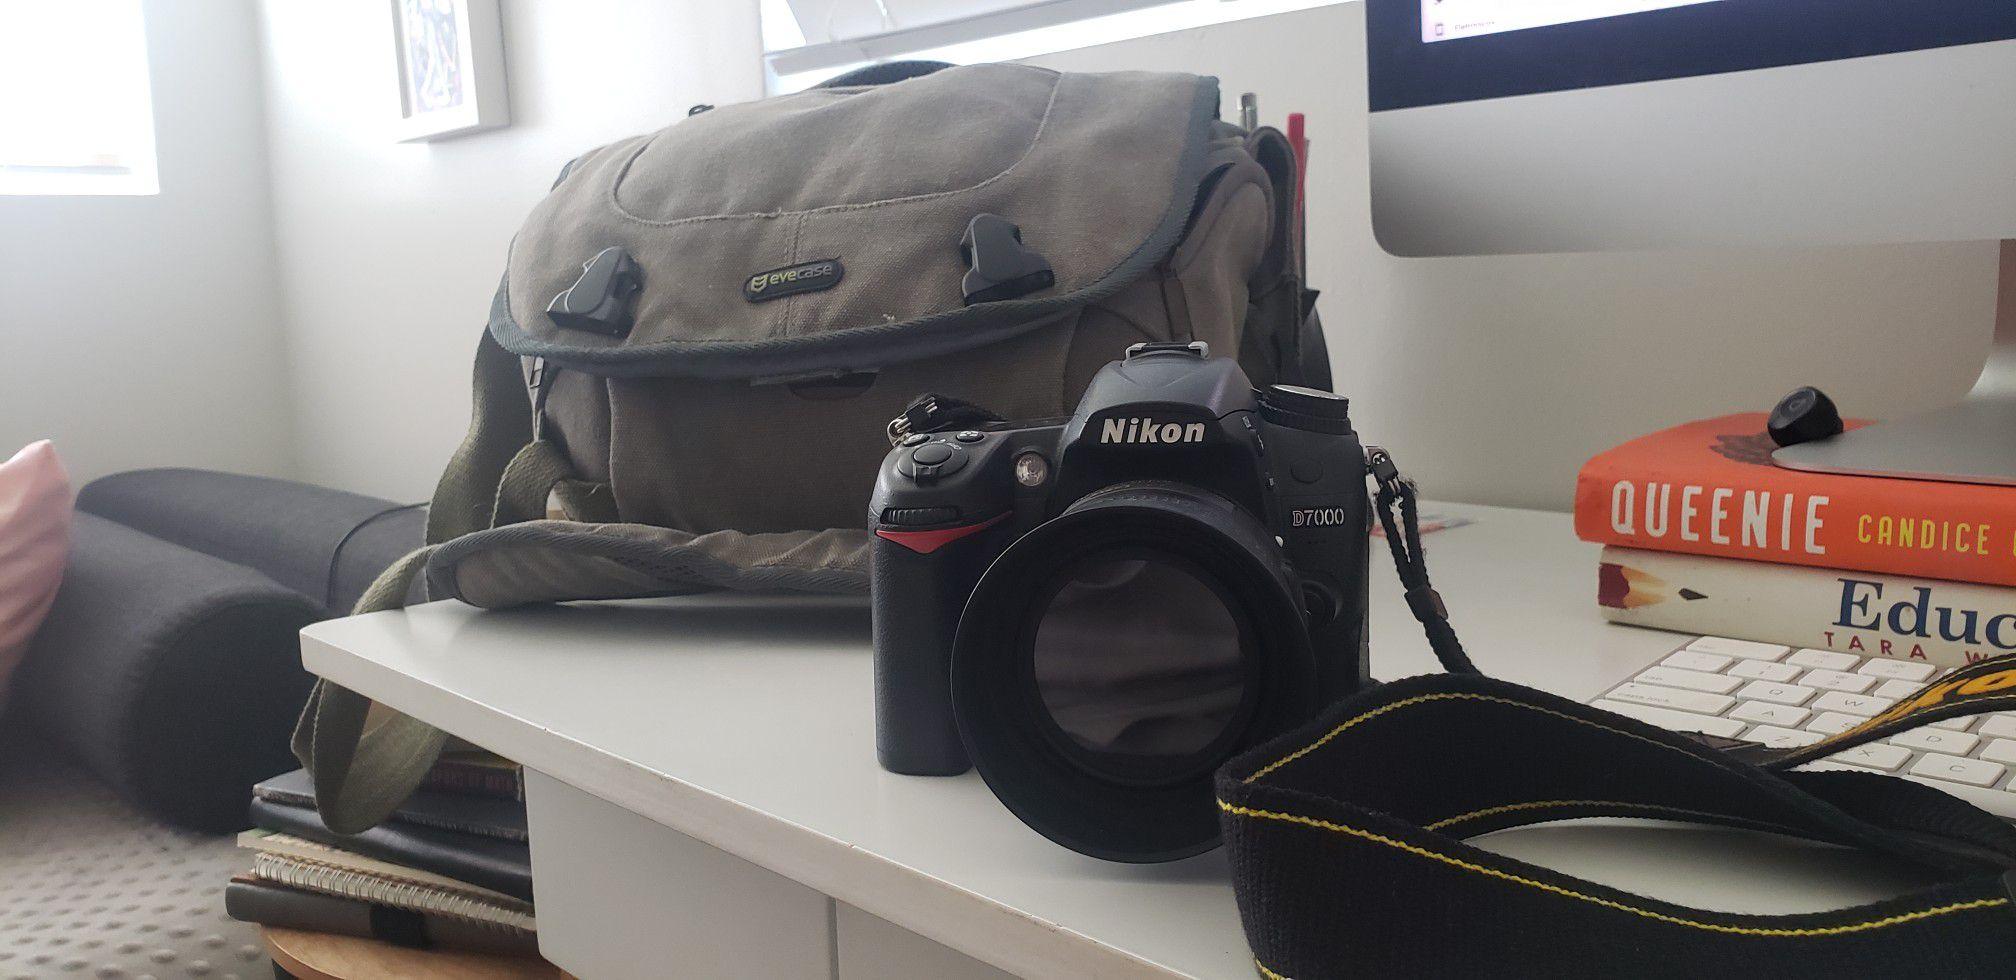 Nikon D7000 + 35mm 1.8 Nikkor lenses + Evecase